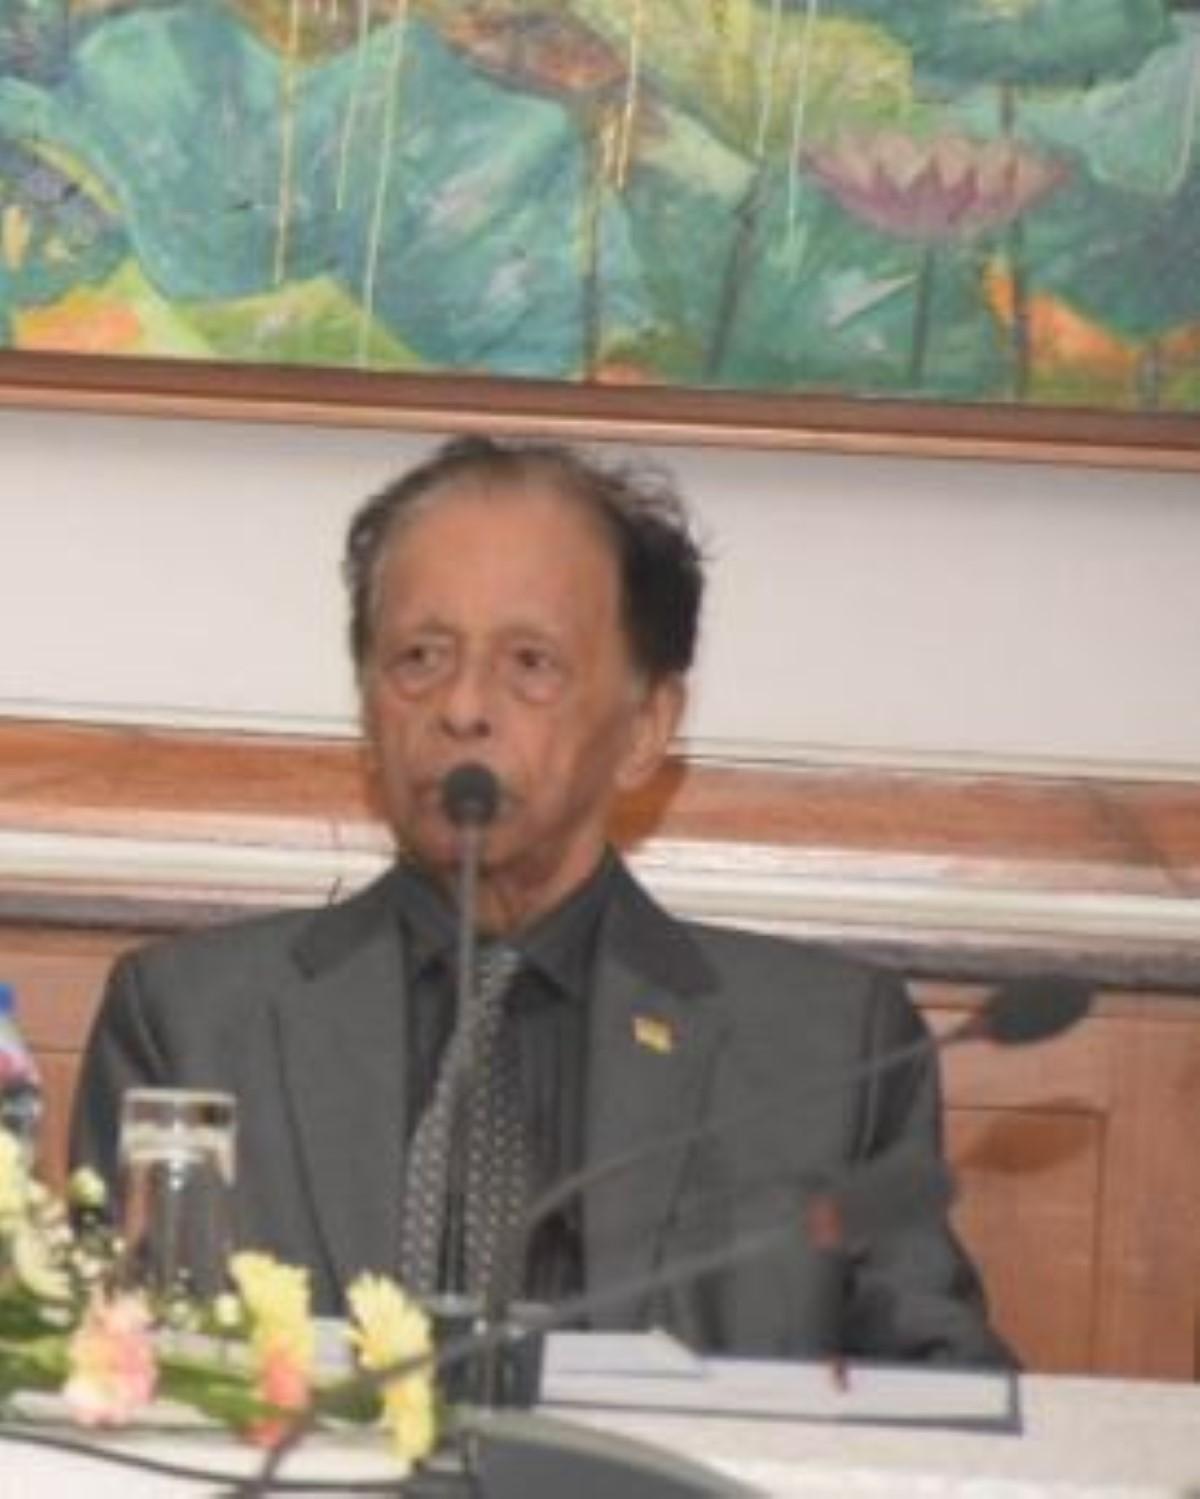 SAJ s'inquiète du trafic de drogue dans la région